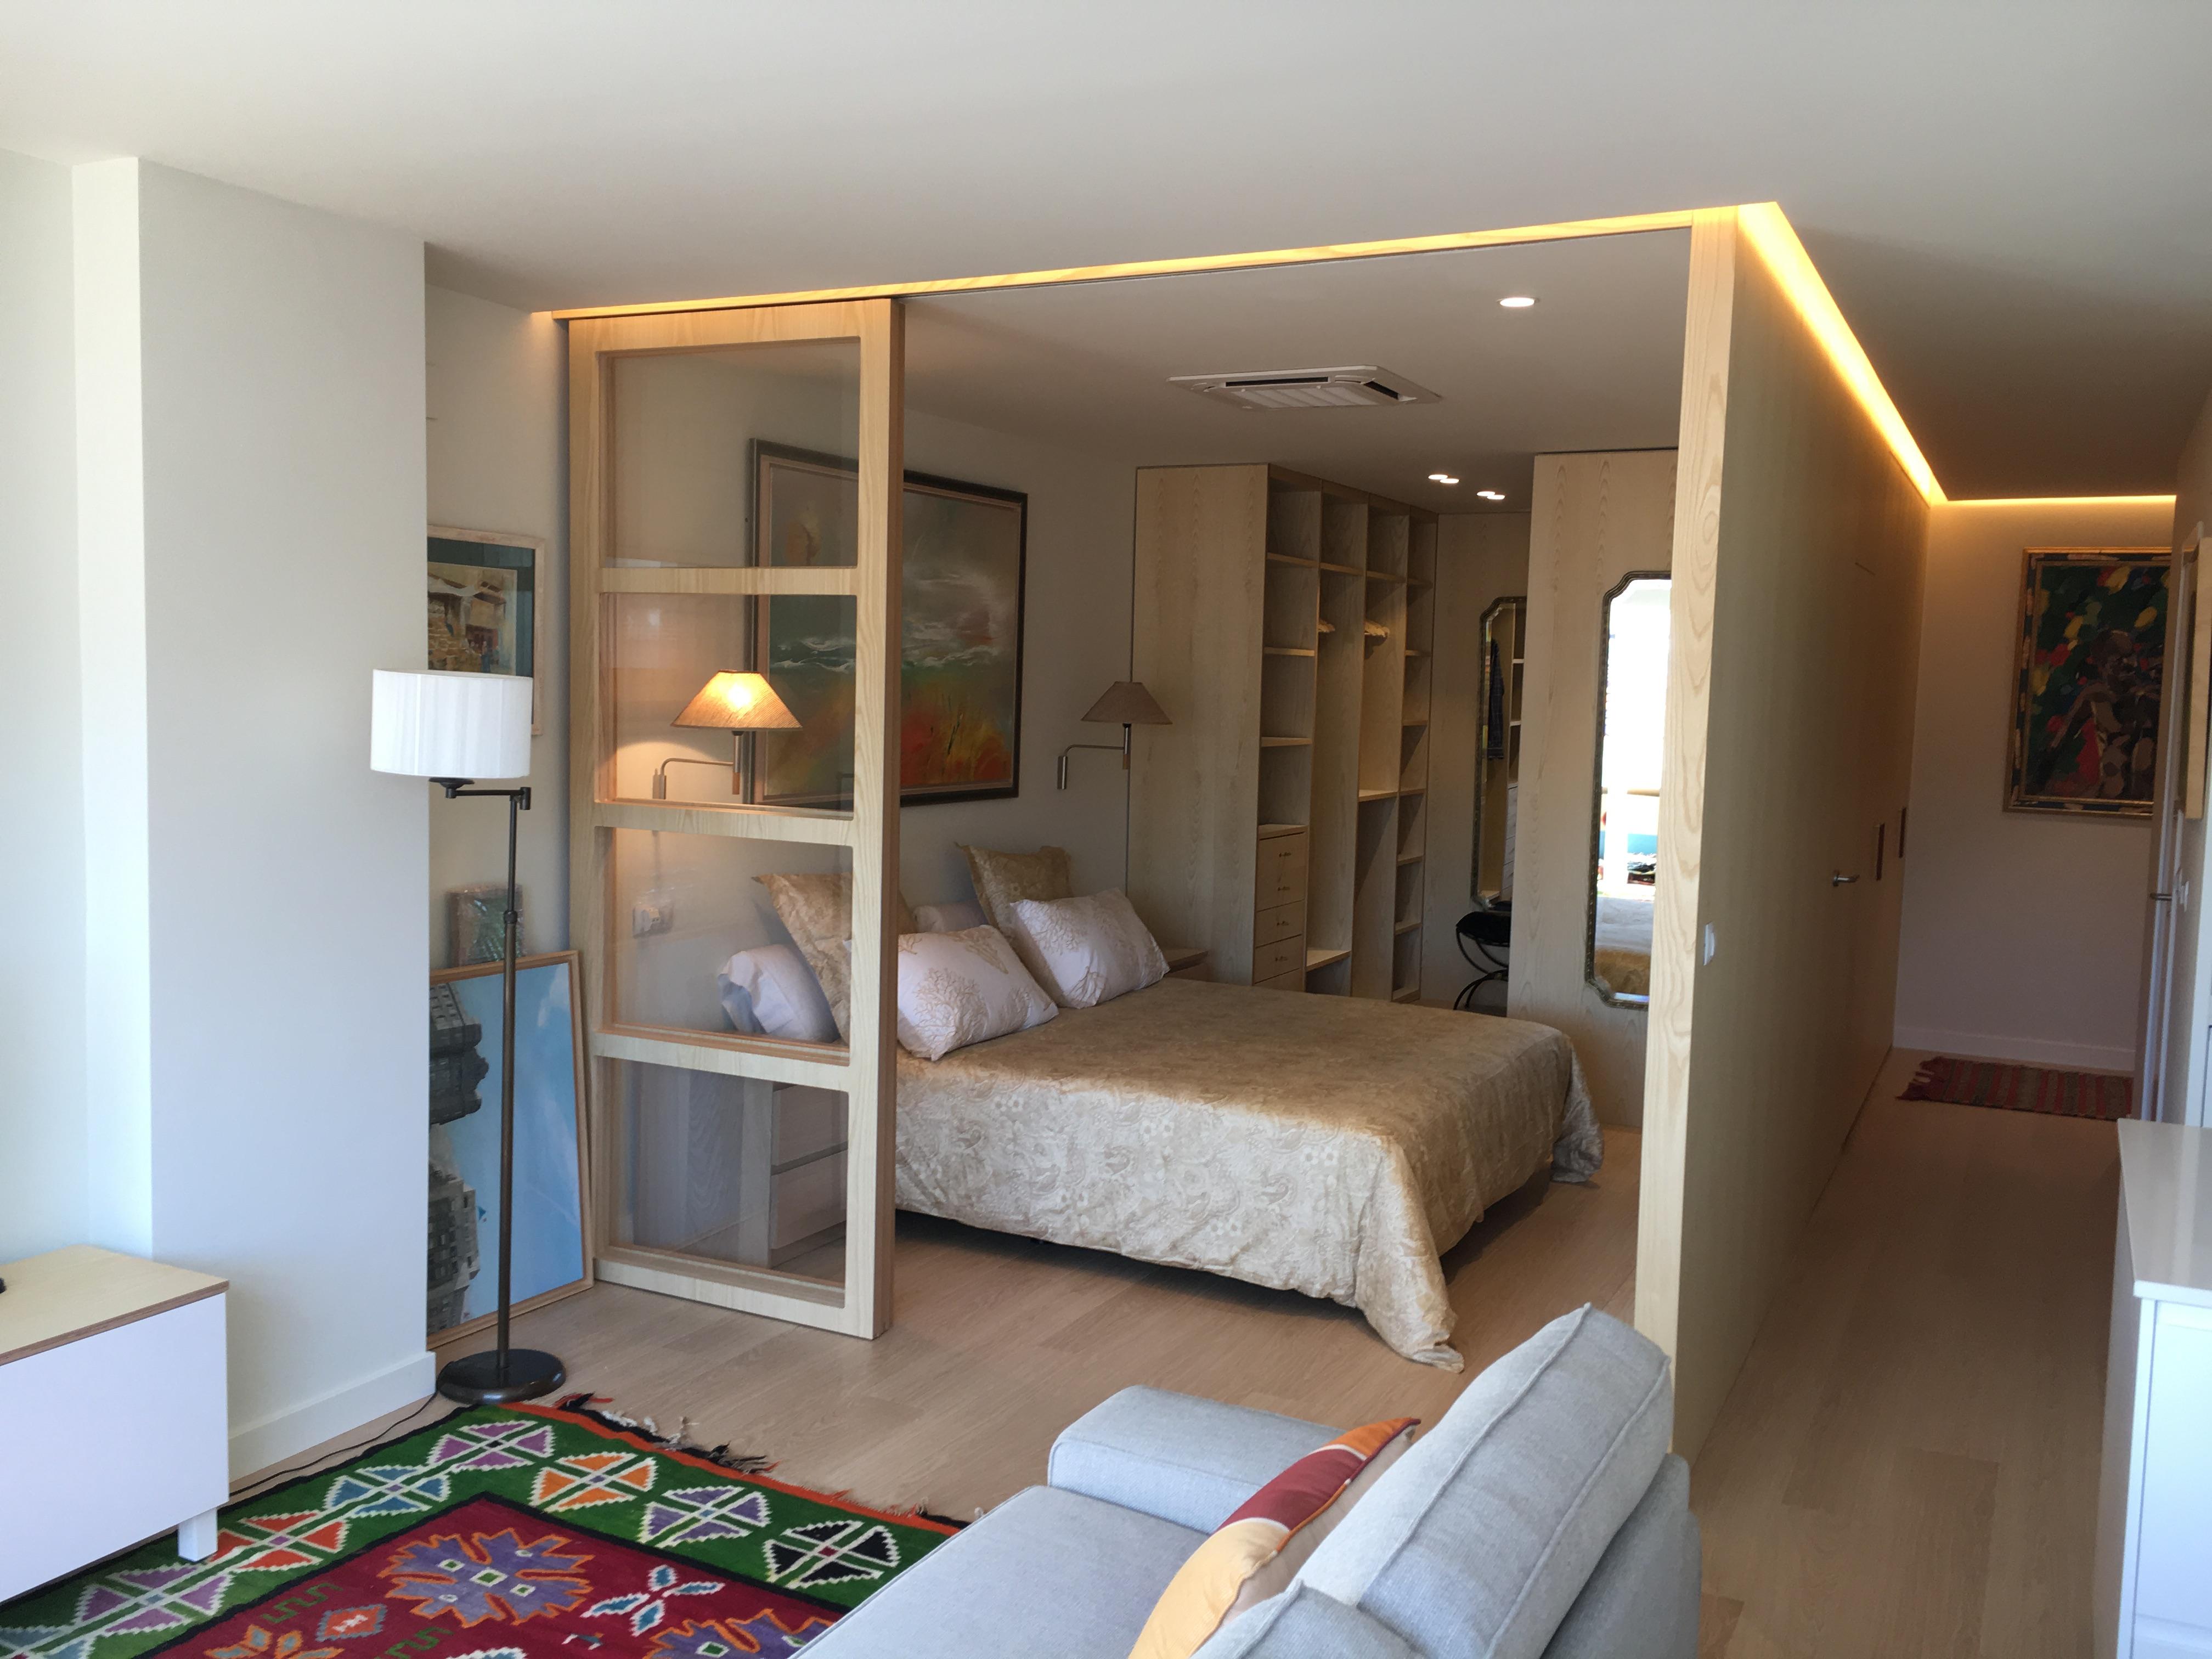 reforma de vivienda en mazarredo Bilbao